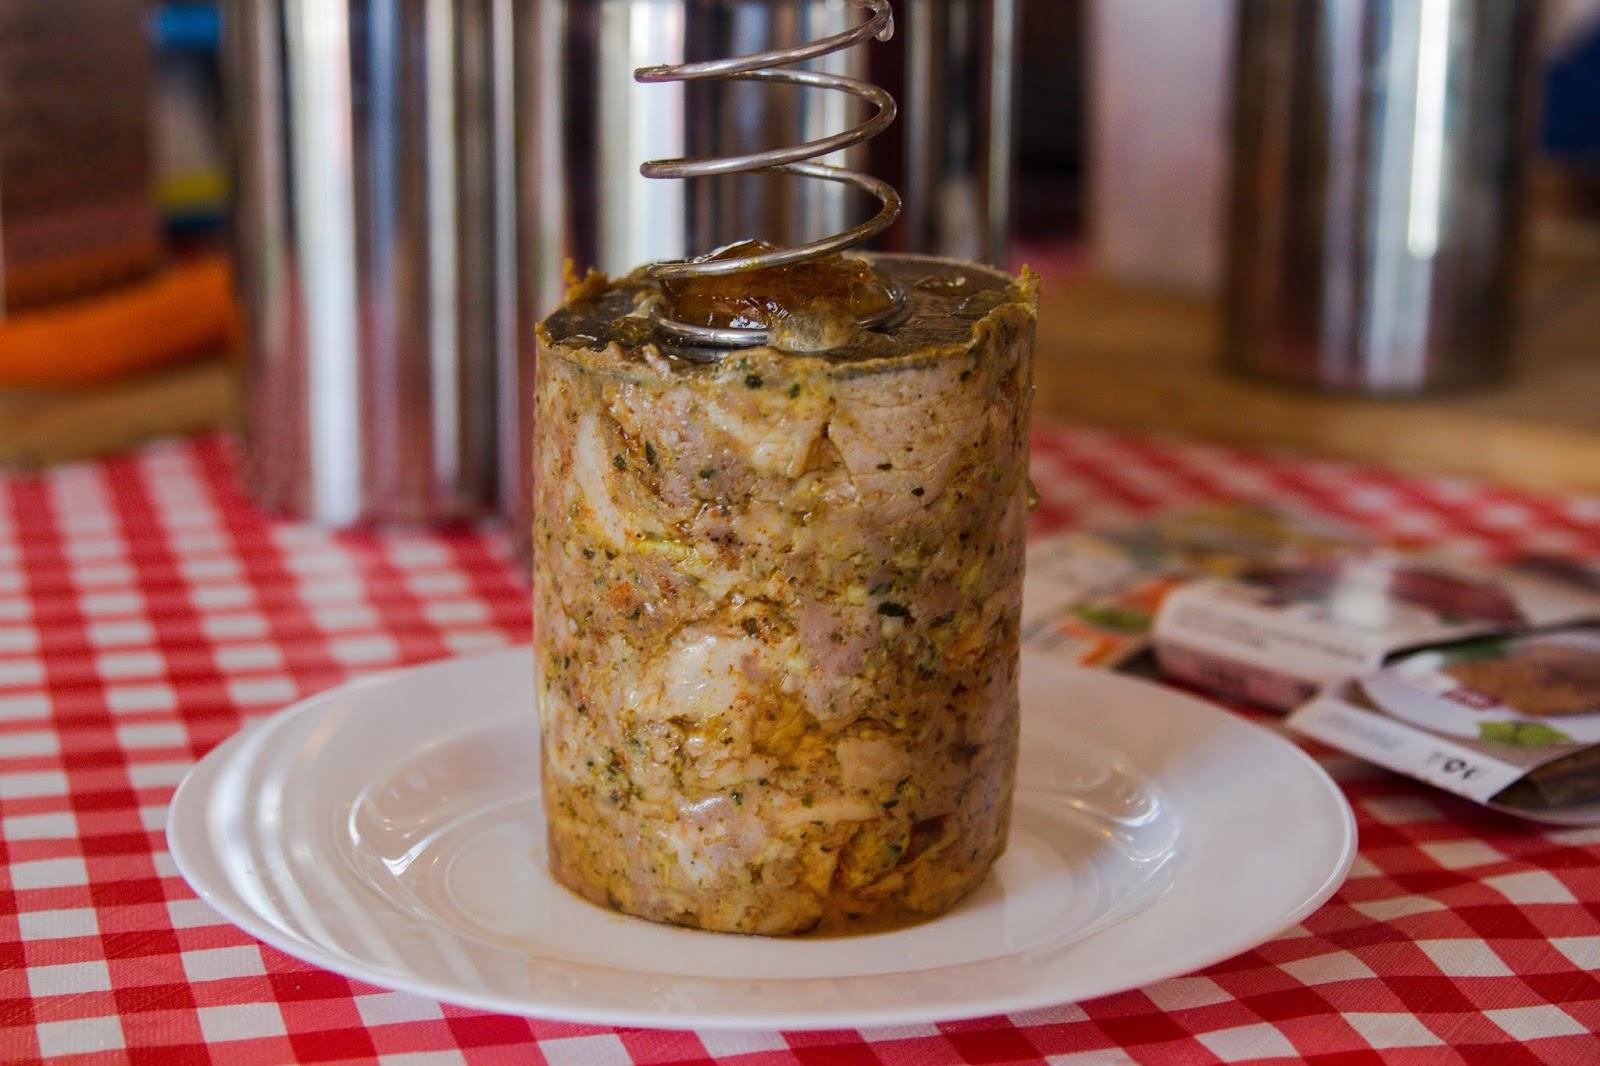 przepis na drobiowy blok z szynkowaru łagodny smak domowa wędlina dla dzieci jak zrobić przepis na wędlinę na kanapki potrawkę blok mięsny